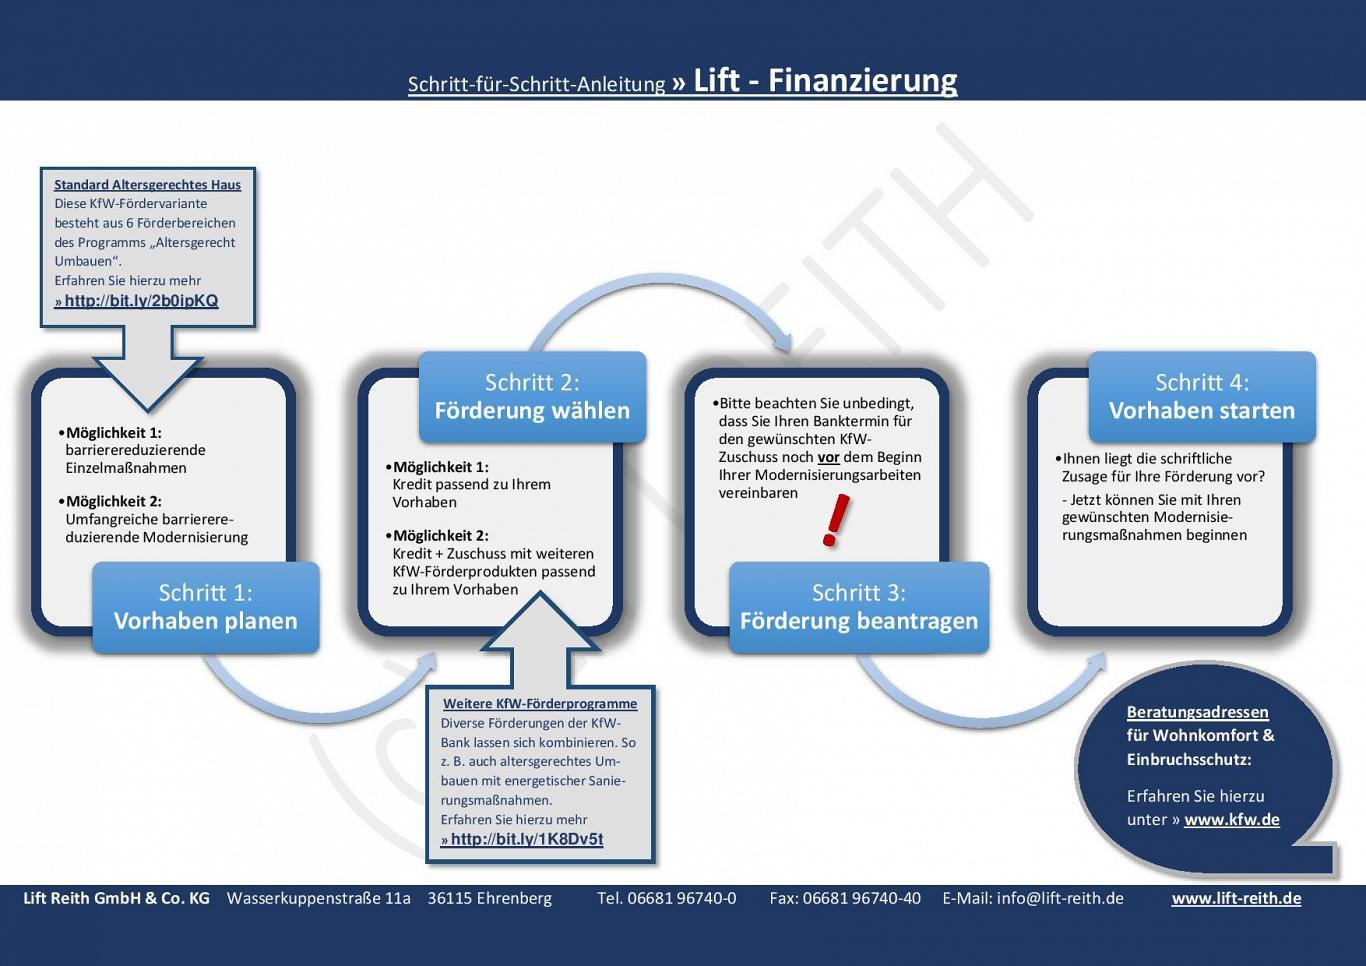 Schritt-für-Schritt-Anleitung zur KfW - Finanzierunsgmöglichkeit Ihres Liftes